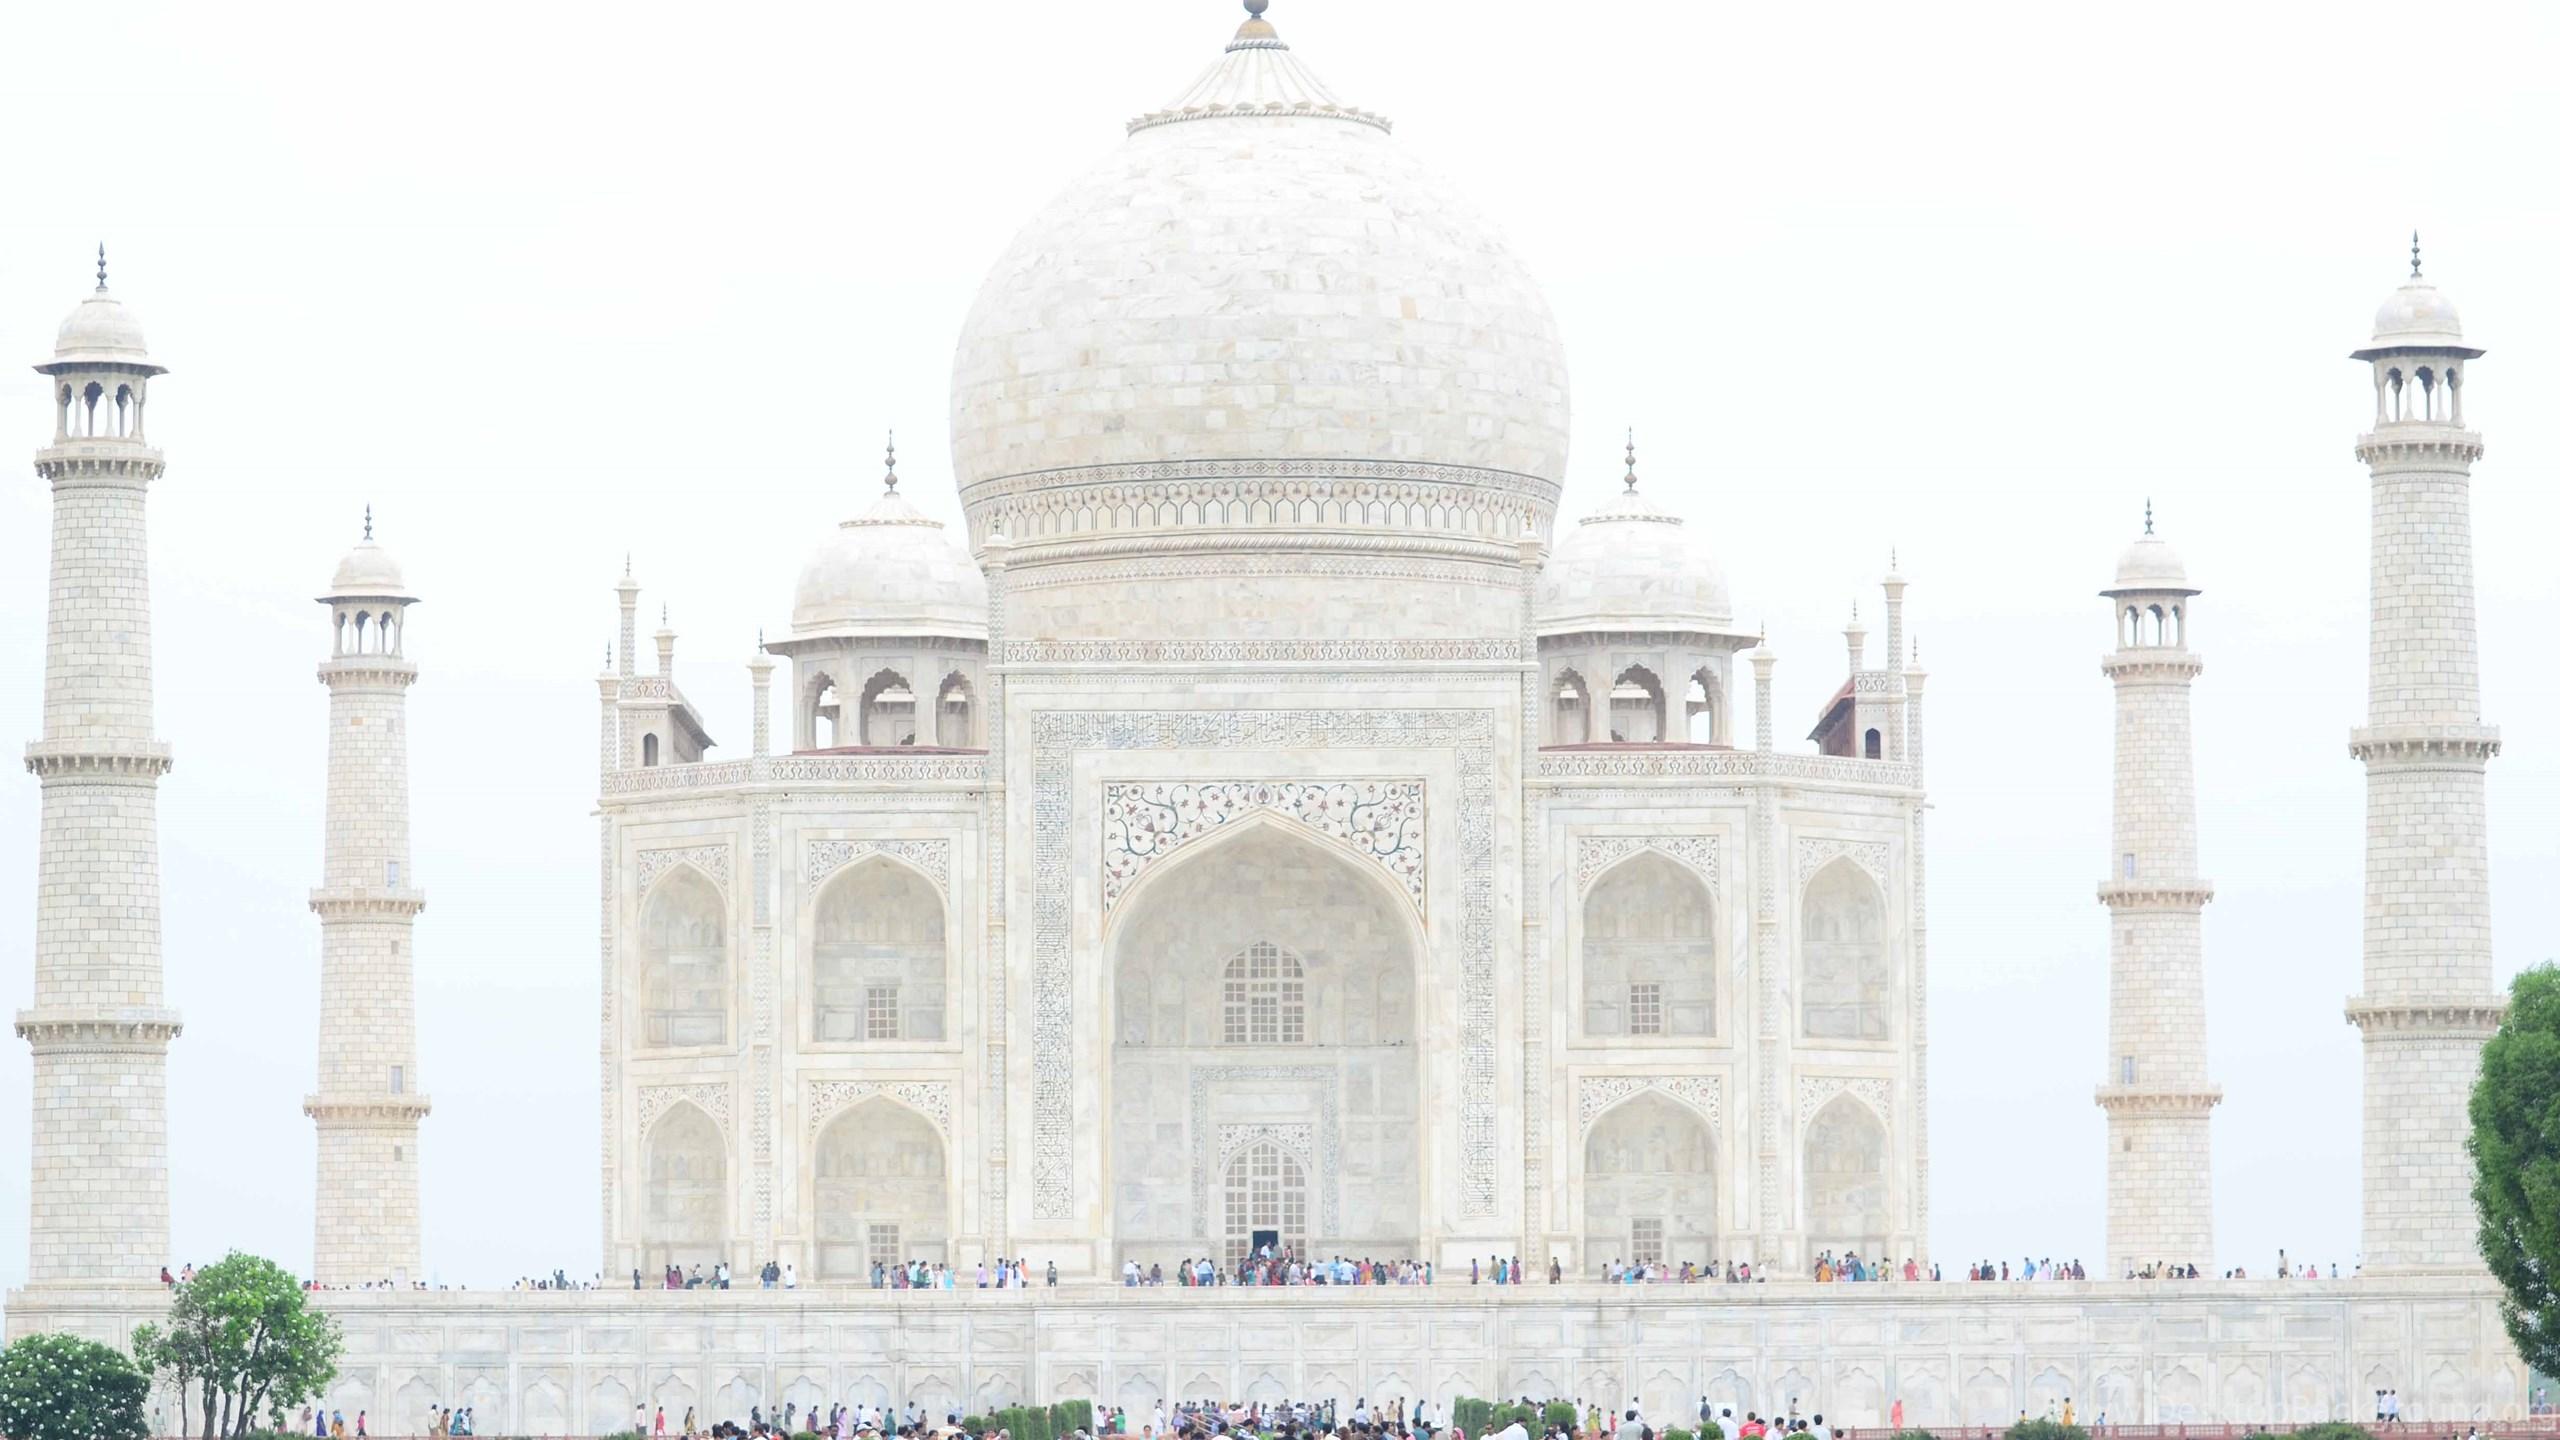 Image Of Taj Mahal Free Download: Taj Mahal Hd Wallpapers Free Download Desktop Background